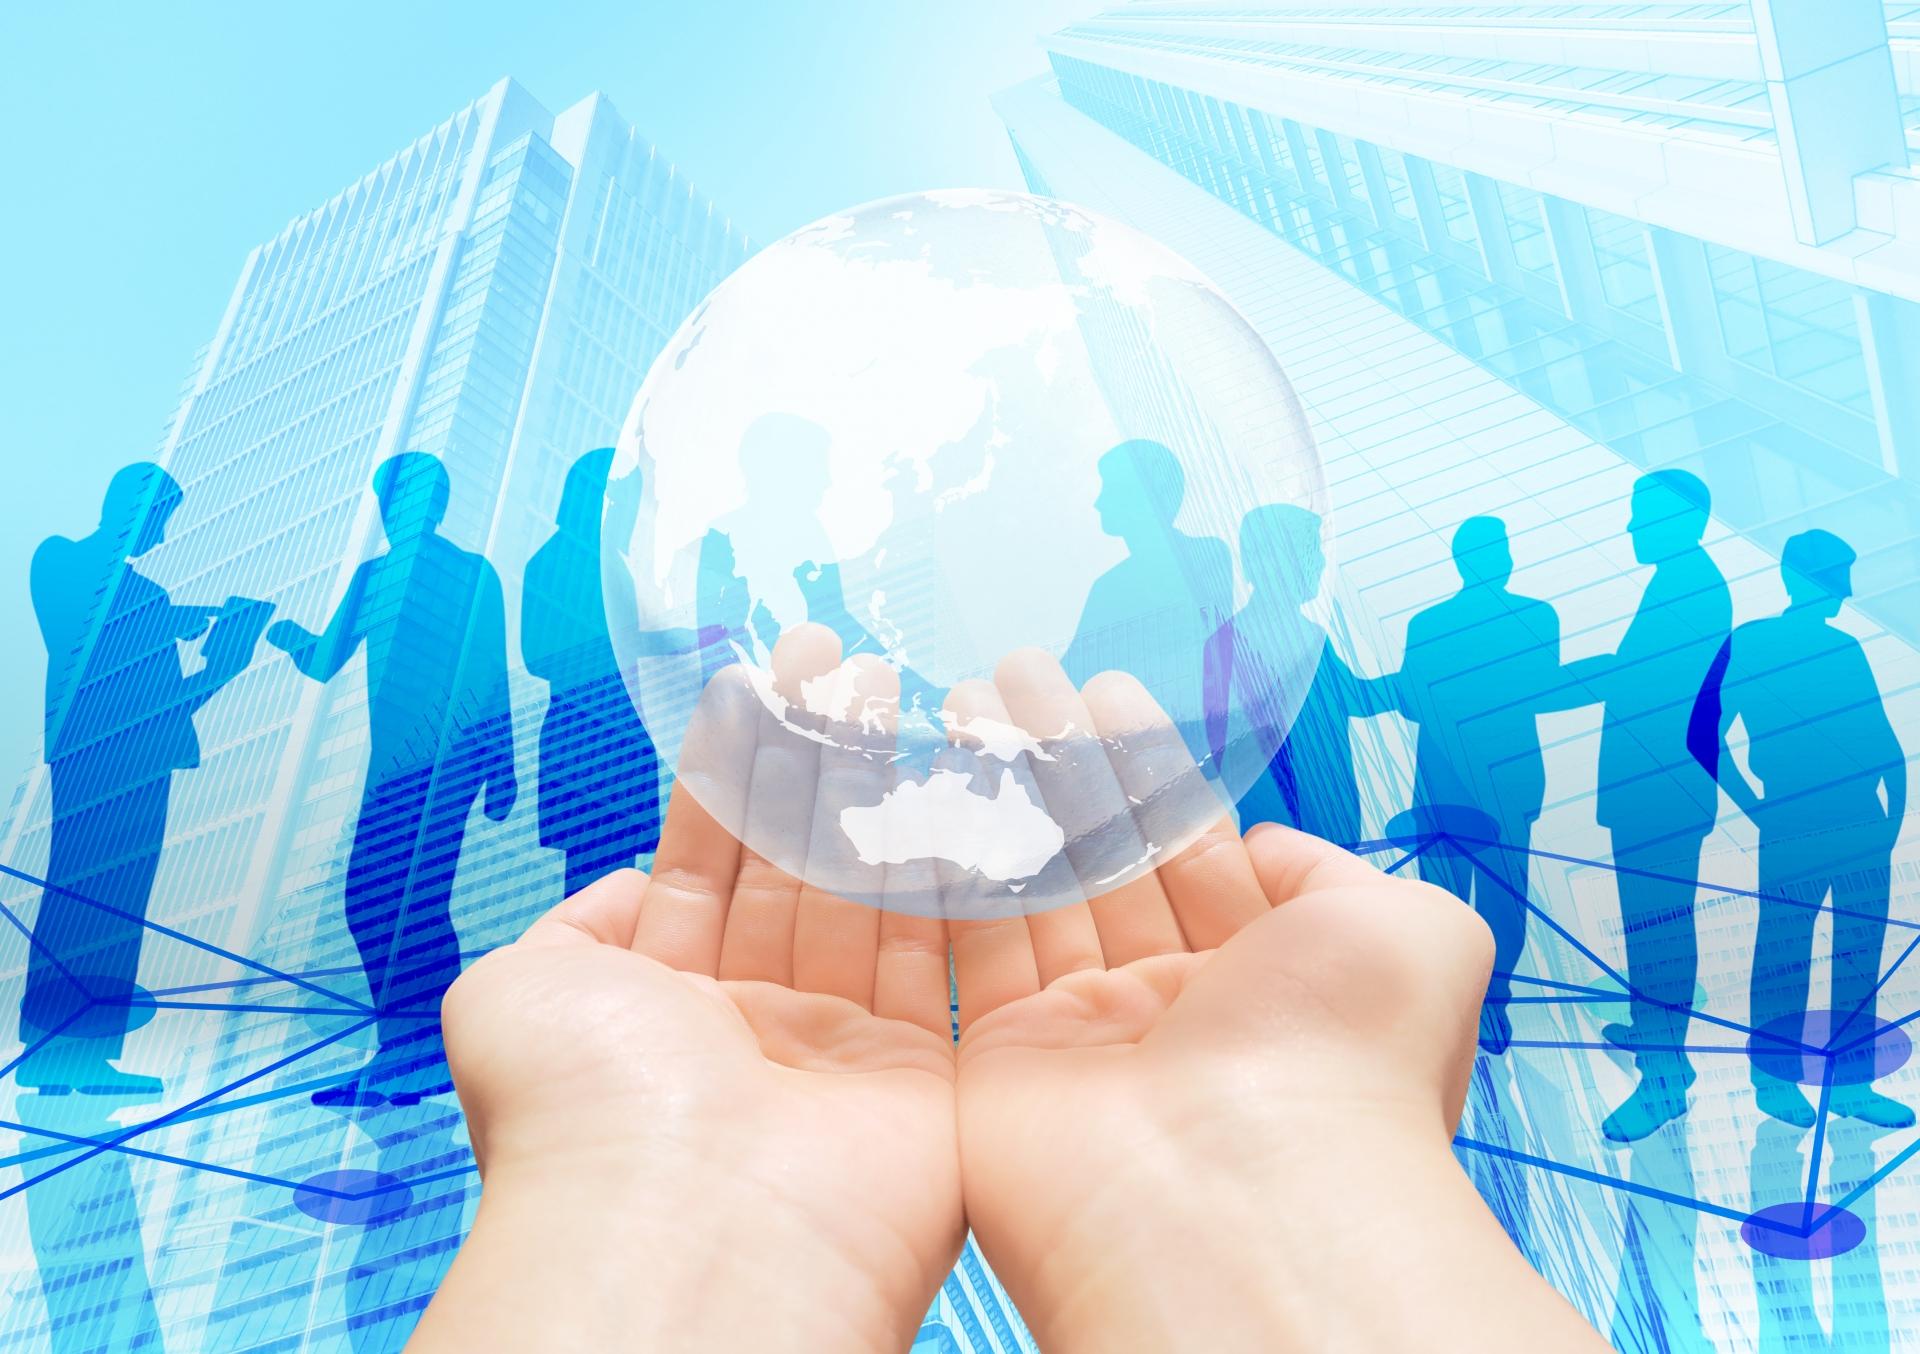 有限会社の事業承継に欠かせないポイントや手順を解説